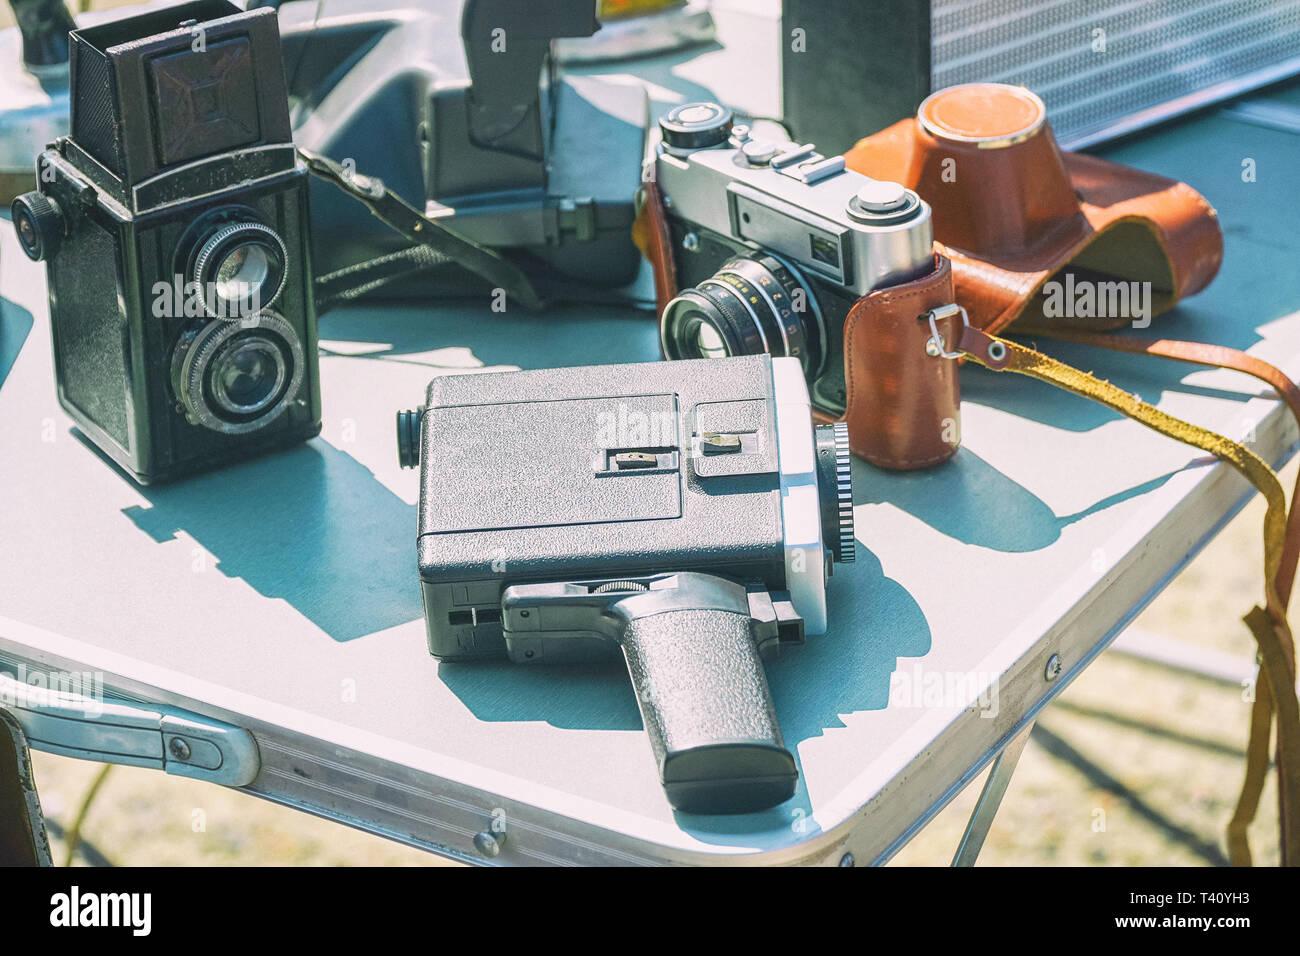 Old vintage film matériel photographique sur la table. Appareils photo et caméscope. Selective focus Banque D'Images